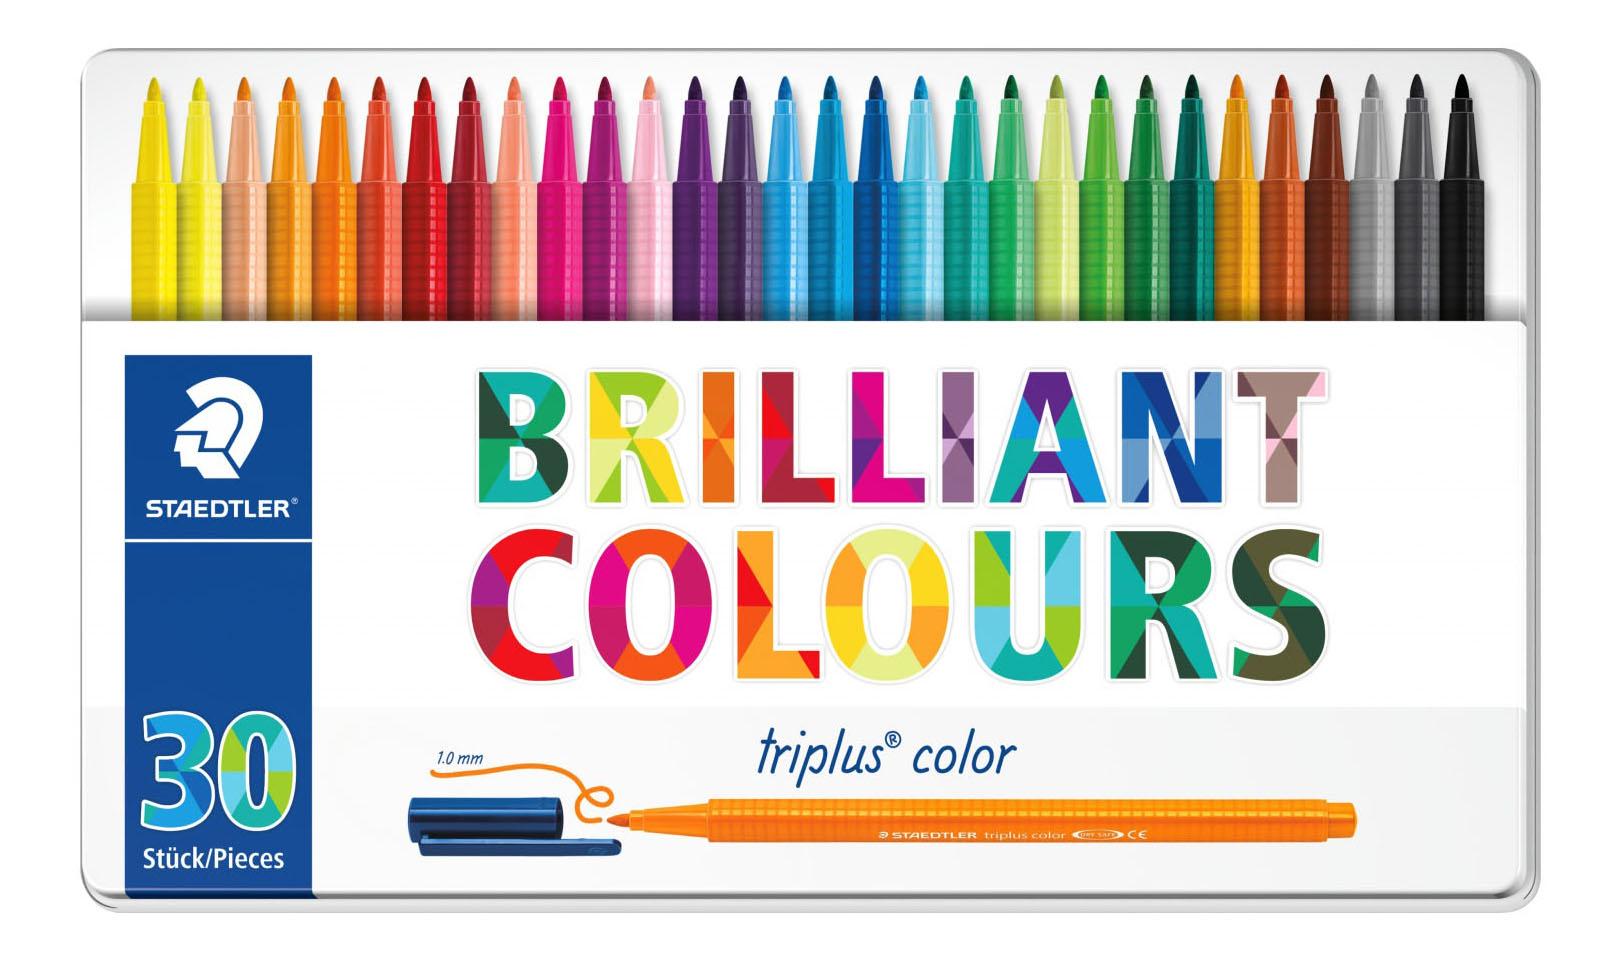 Купить Набор фломастеров Staedtler трехгранные Яркие цвета 30 цветов, Фломастеры